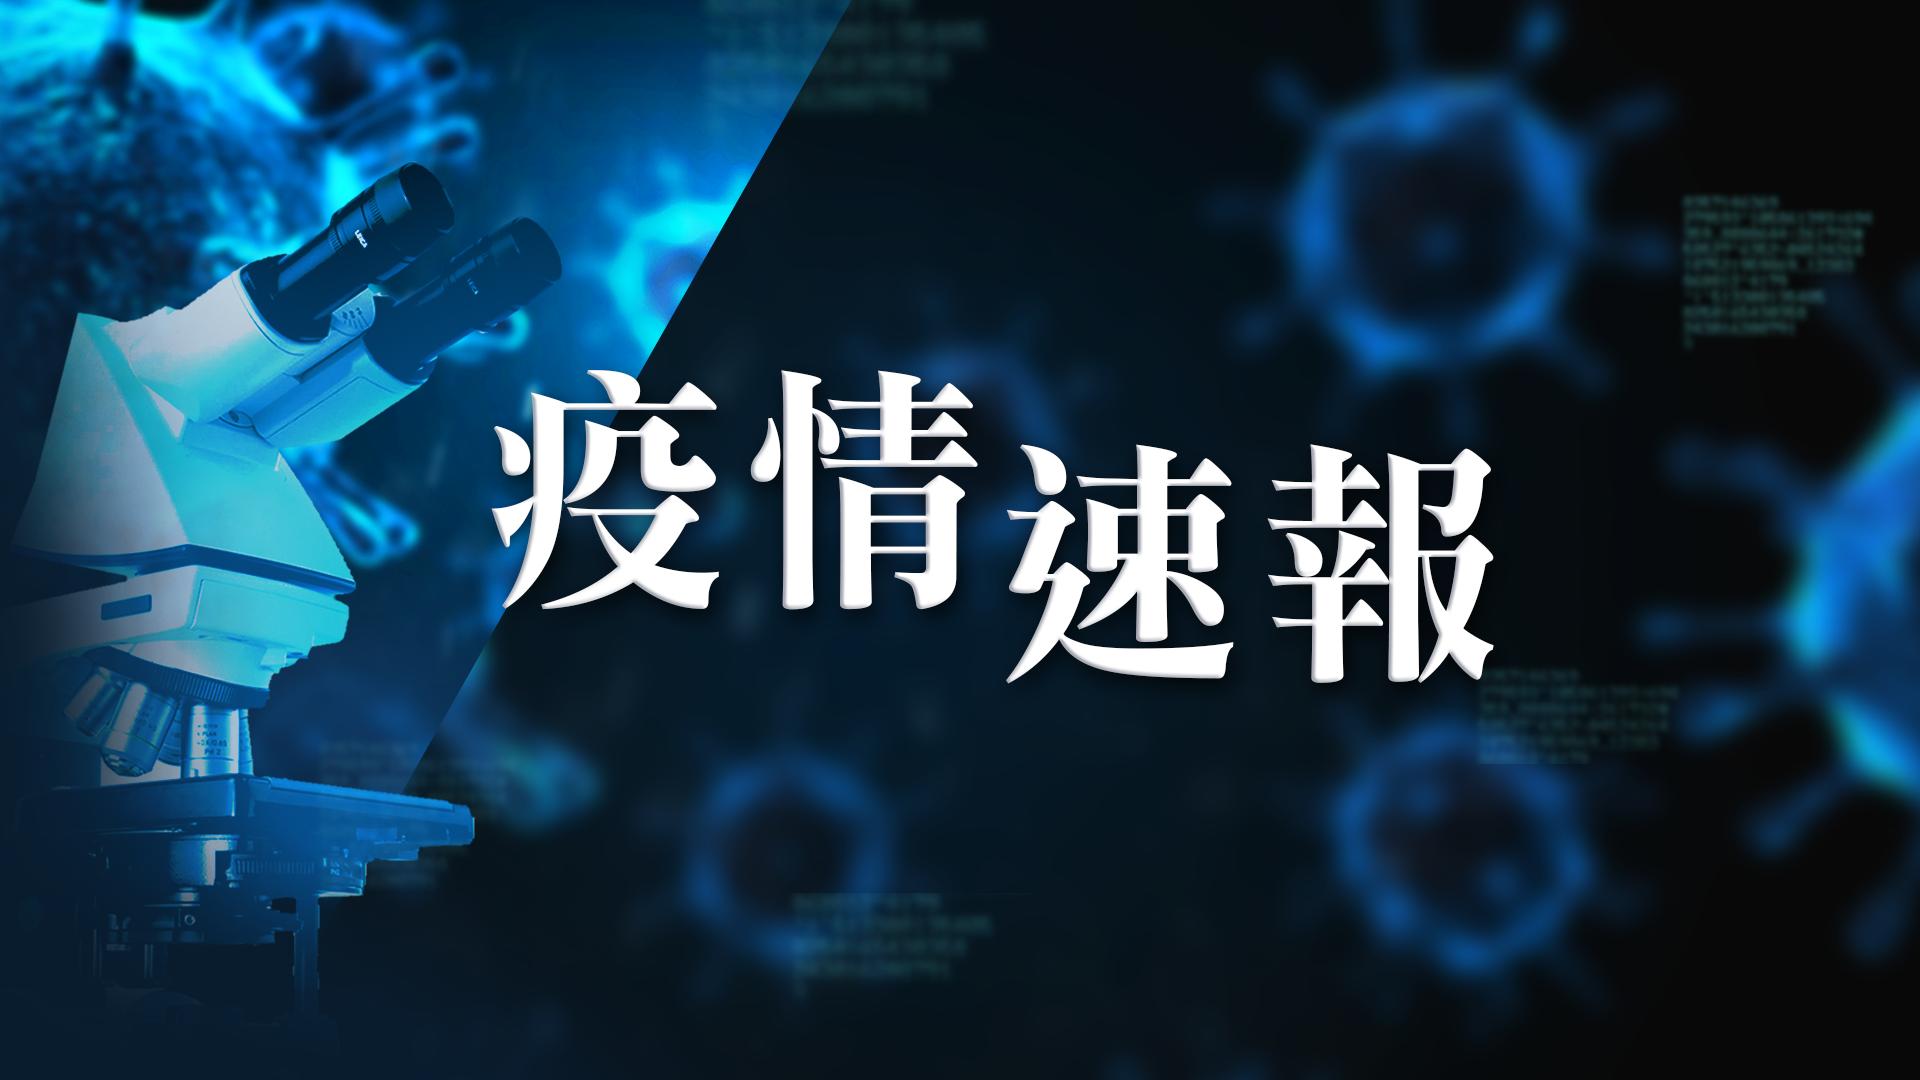 【8月8日疫情速報】(16:35)